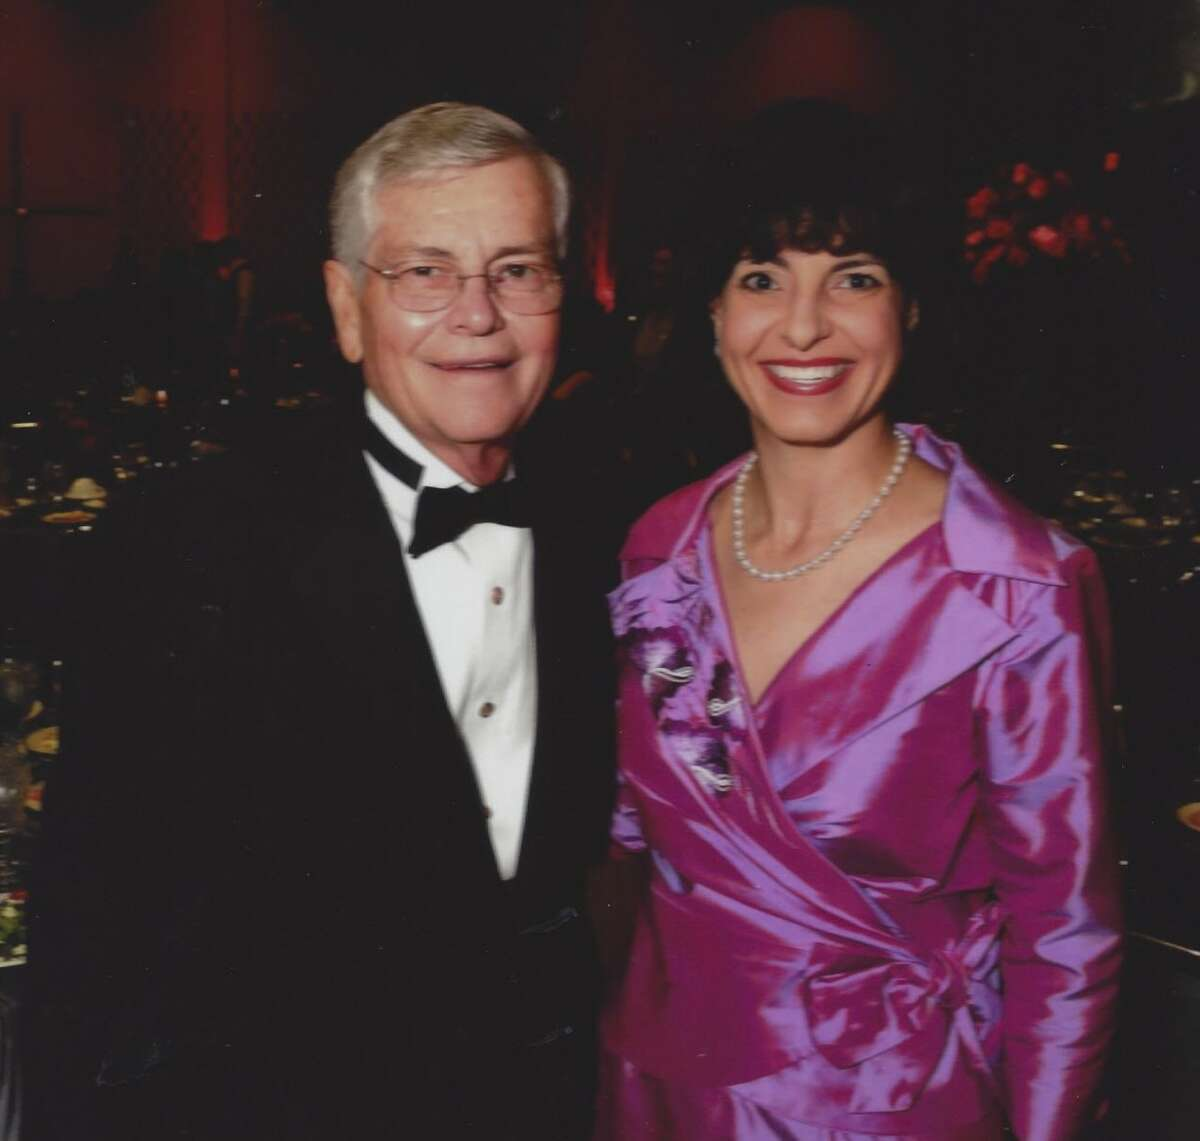 Tom and Christi Craddick